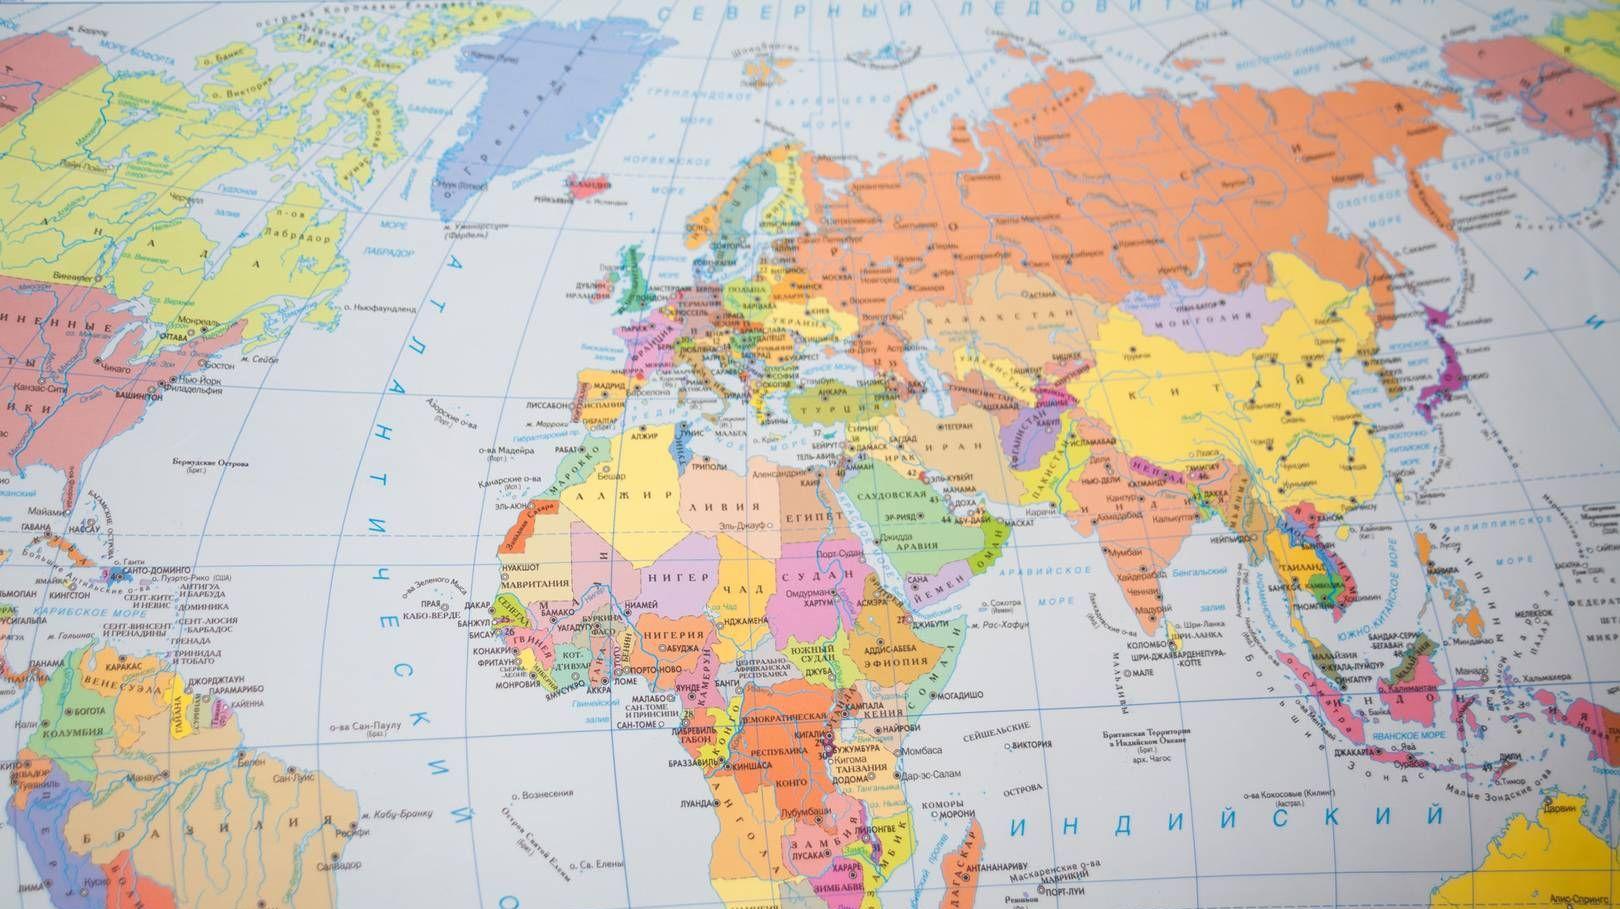 столик полная карта мира фото хорошо, если